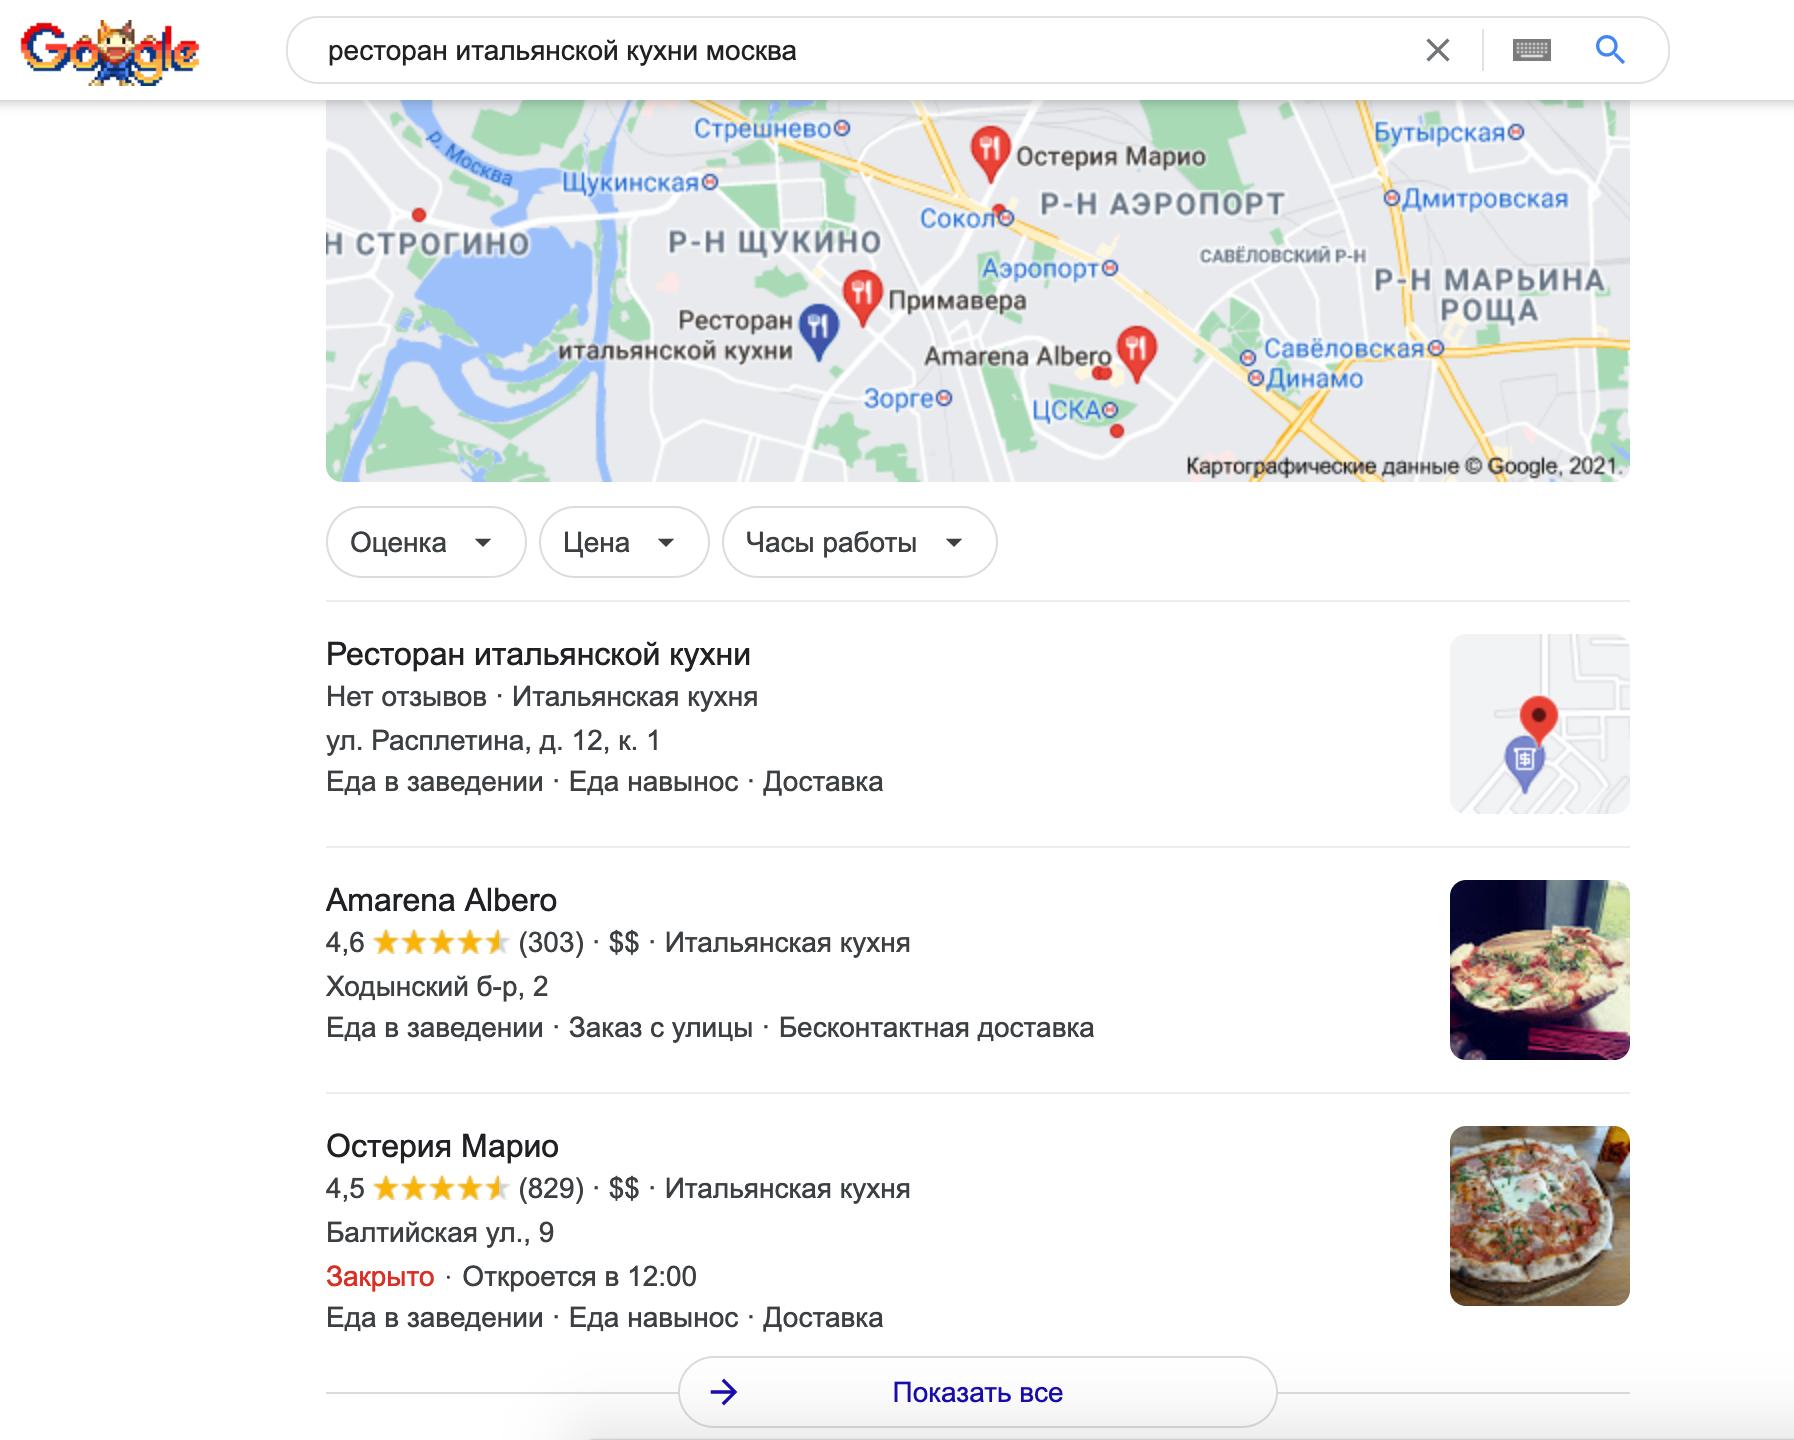 результаты локального поиска